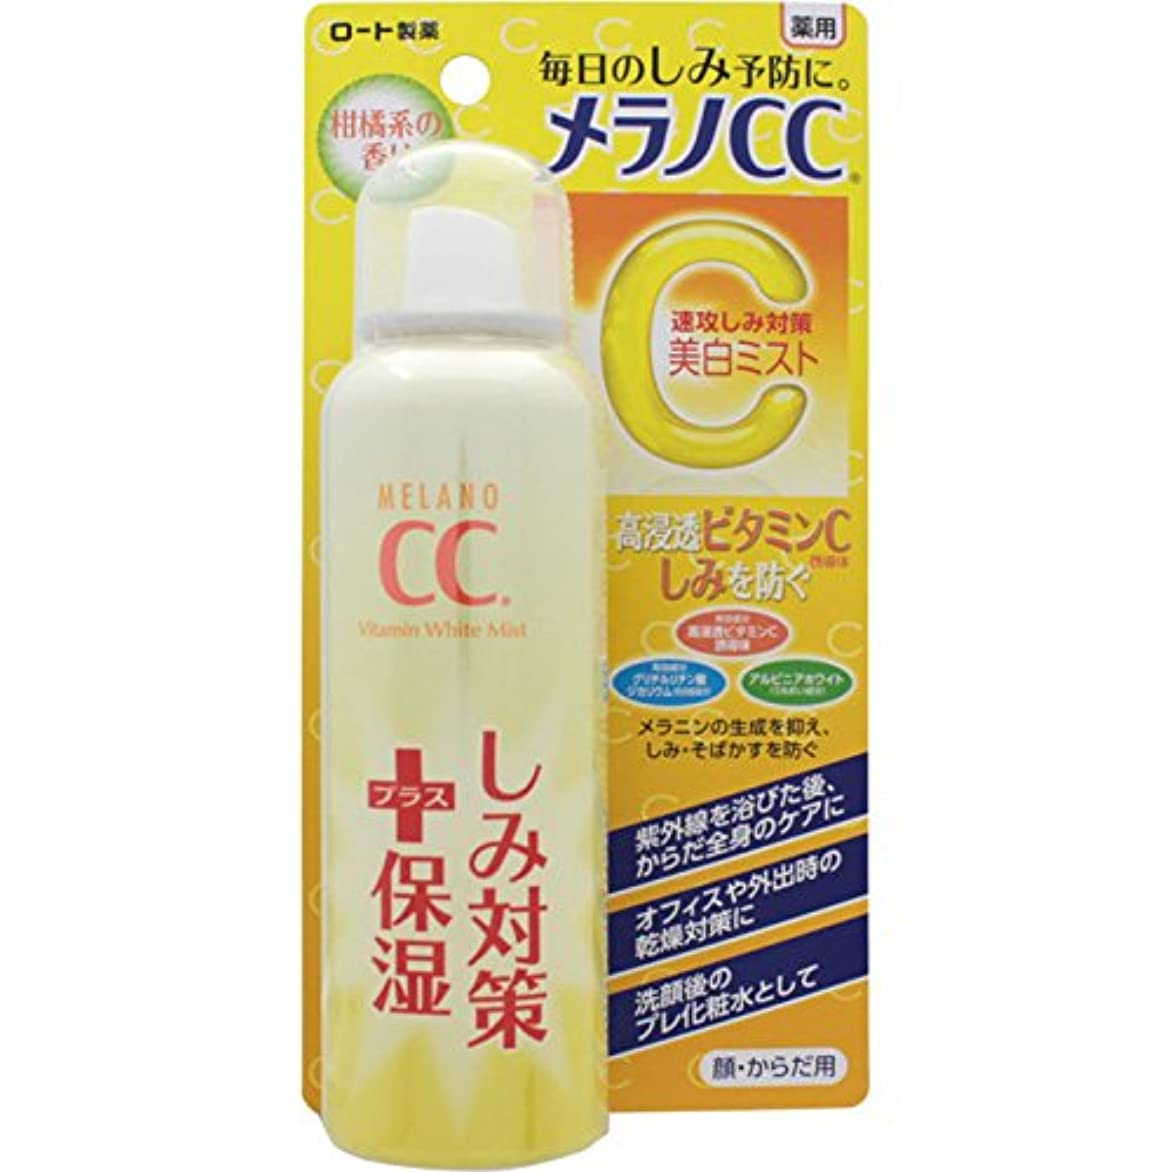 パンサースロット犯す【医薬部外品】メラノCC 薬用しみ対策 美白ミスト化粧水 100g